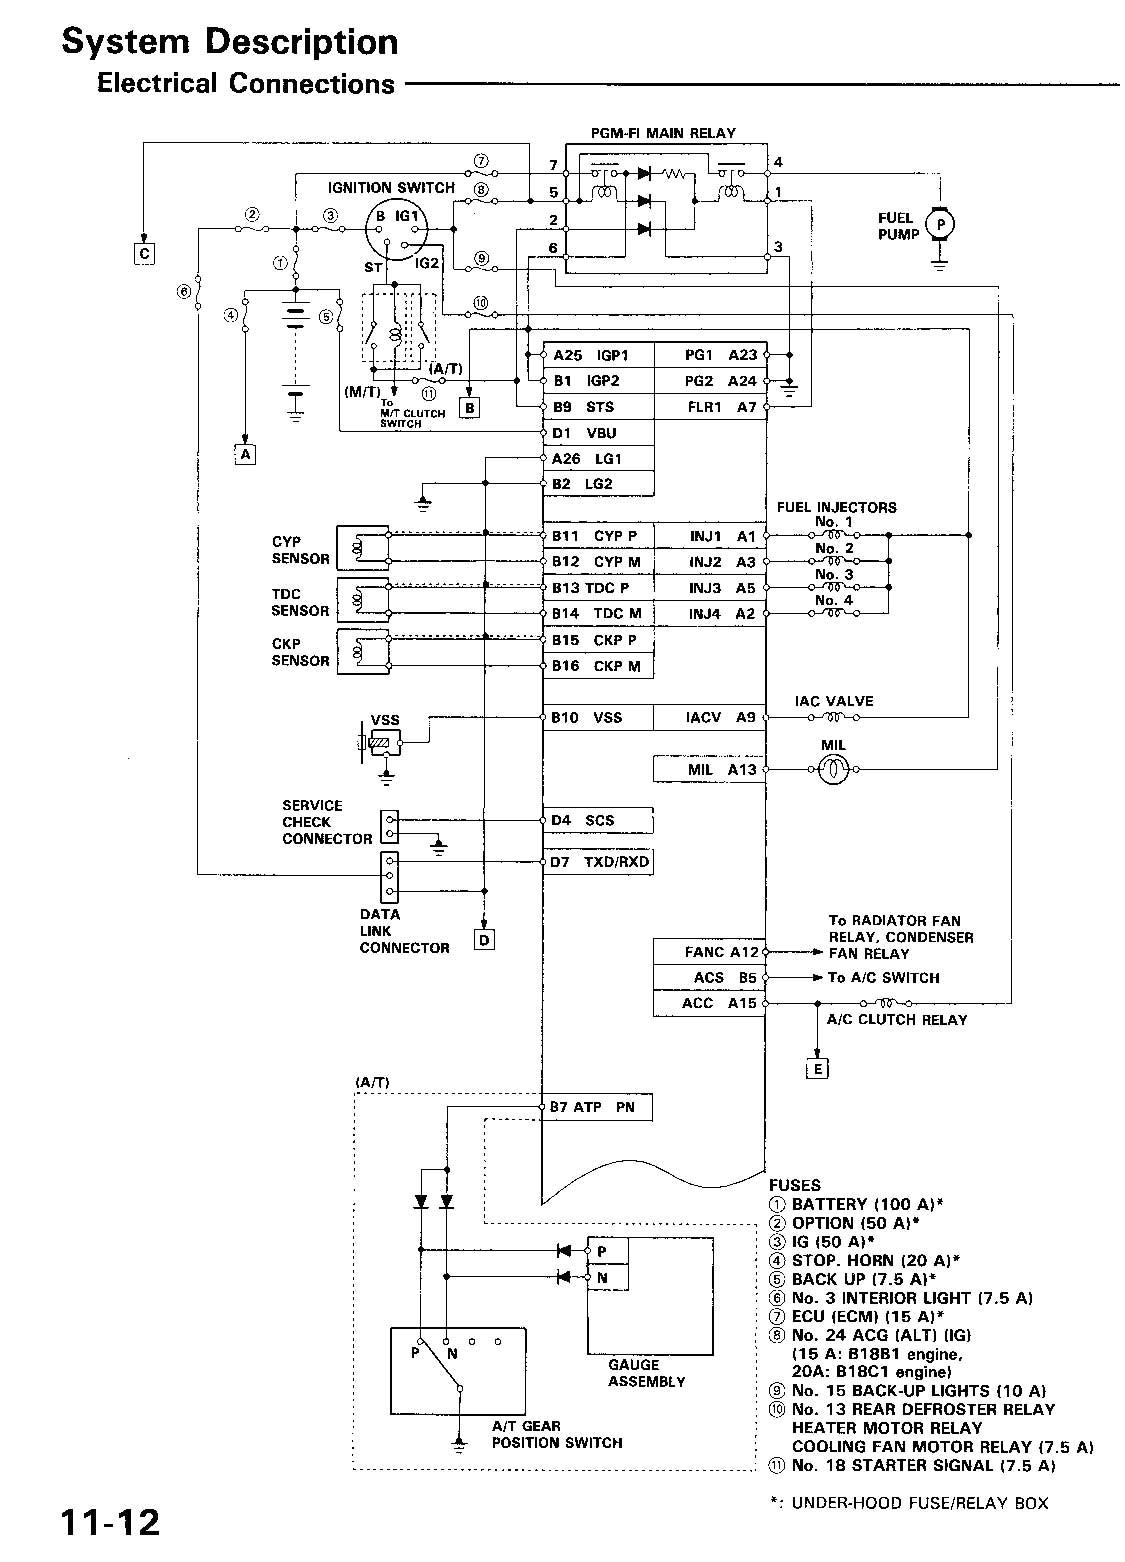 91 accord wiring diagram blog wiring diagram 2007 honda accord wiring diagram 1997 honda accord wiring